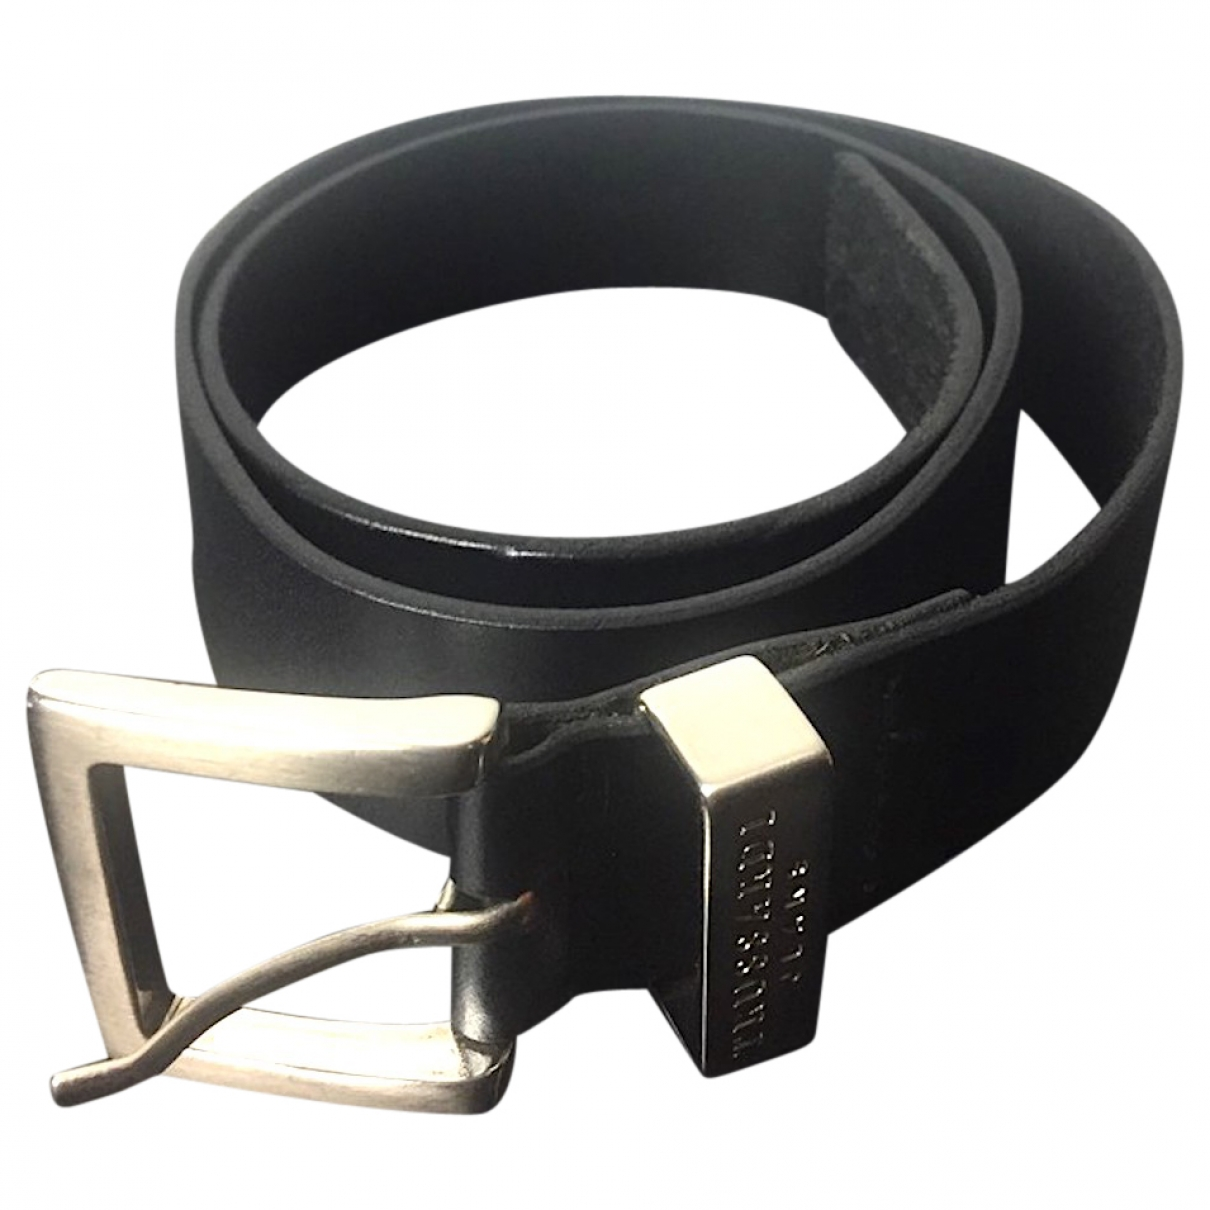 Cinturon de Cuero Trussardi Jeans